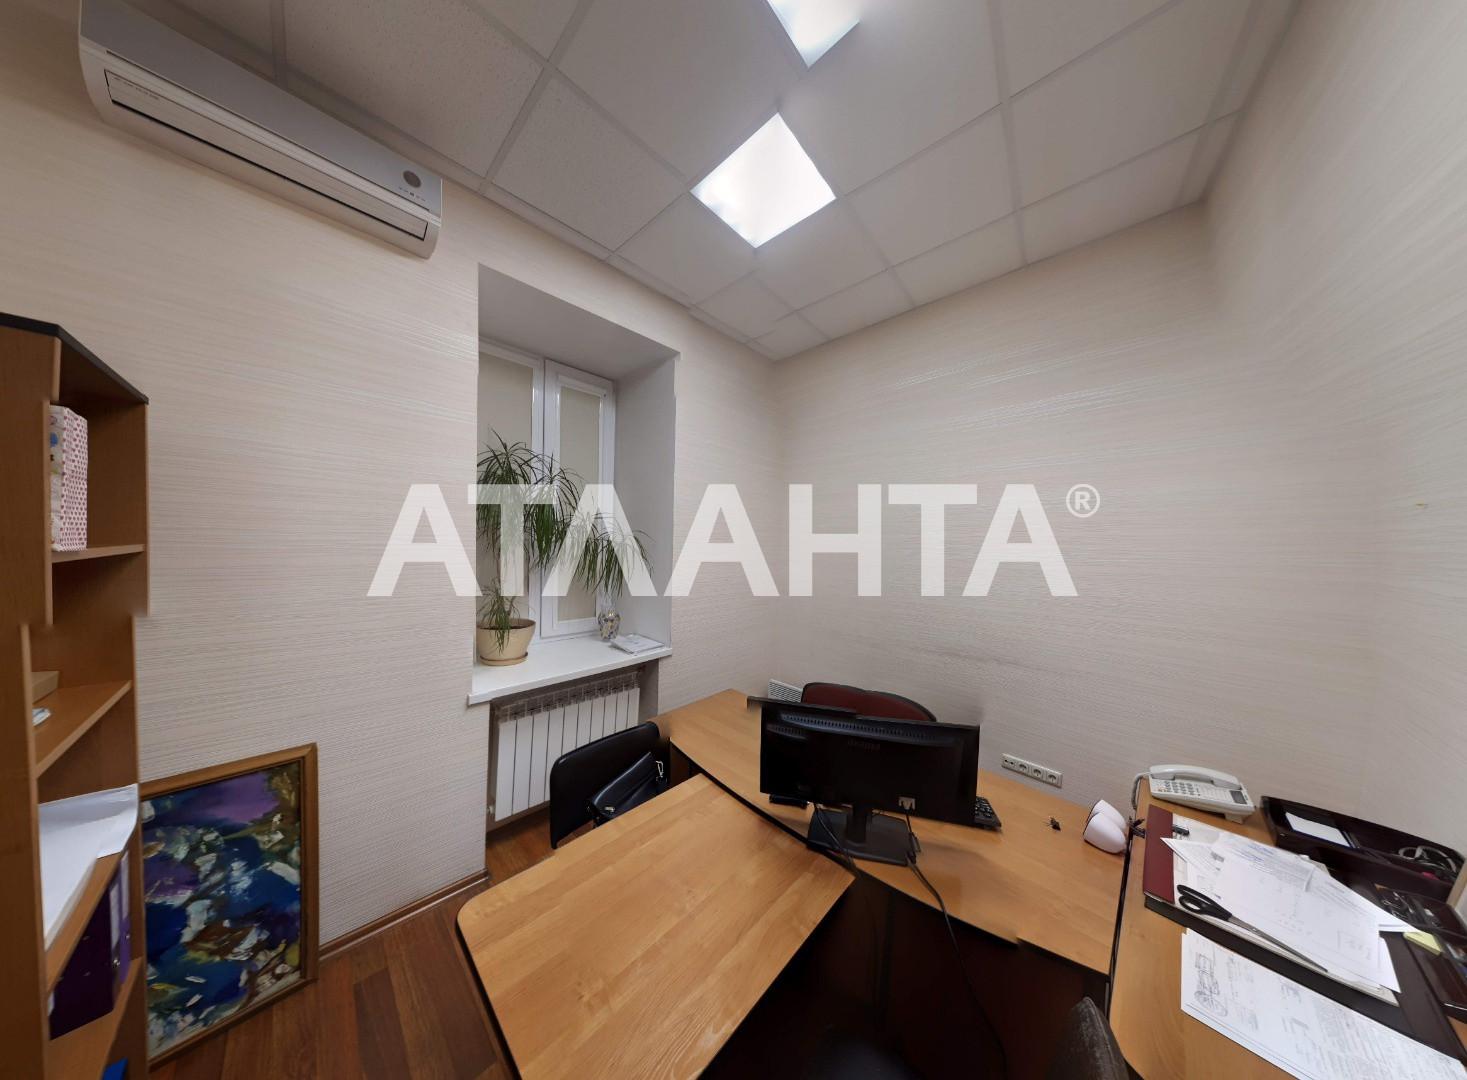 Продается 2-комнатная Квартира на ул. Просп. Голосеевский — 80 000 у.е. (фото №3)